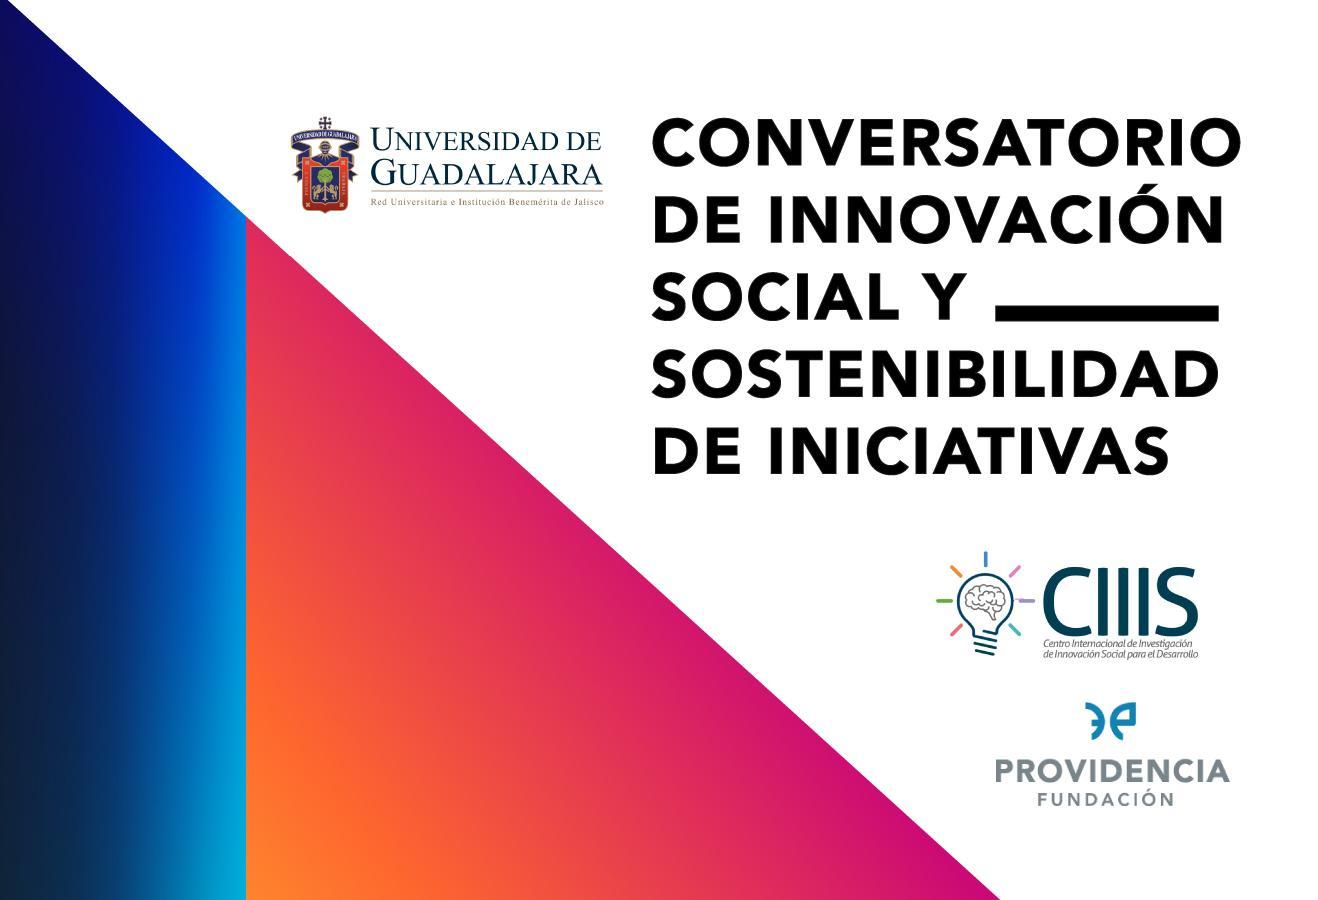 Conversatorios de Innovación Social y Sostenibilidad de Iniciativas para Organizaciones de la Sociedad Civil